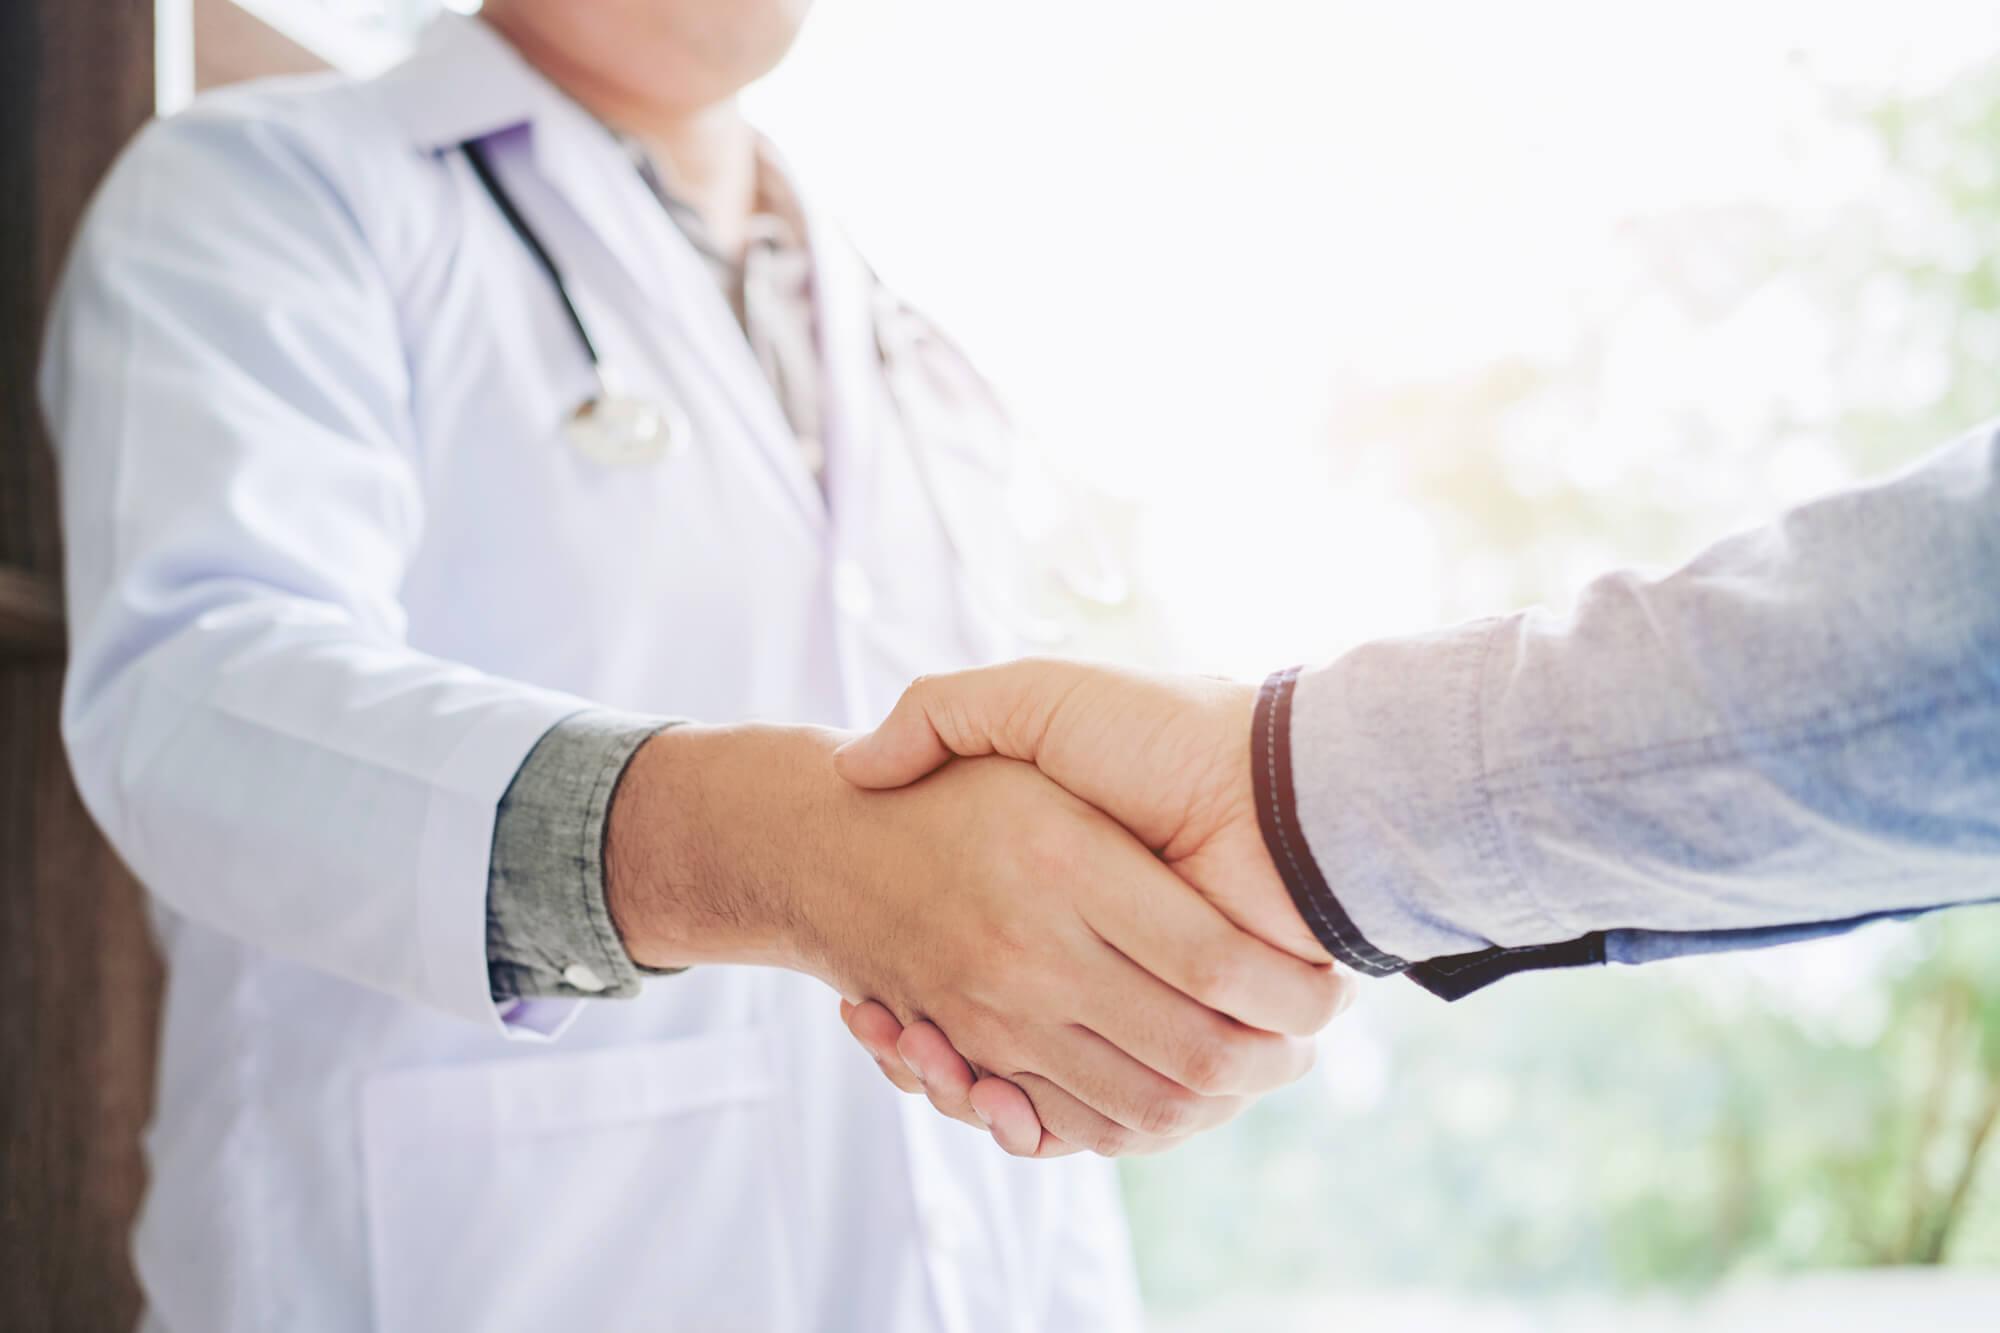 Zusammenarbeit Handschlag Therapeut und Schott